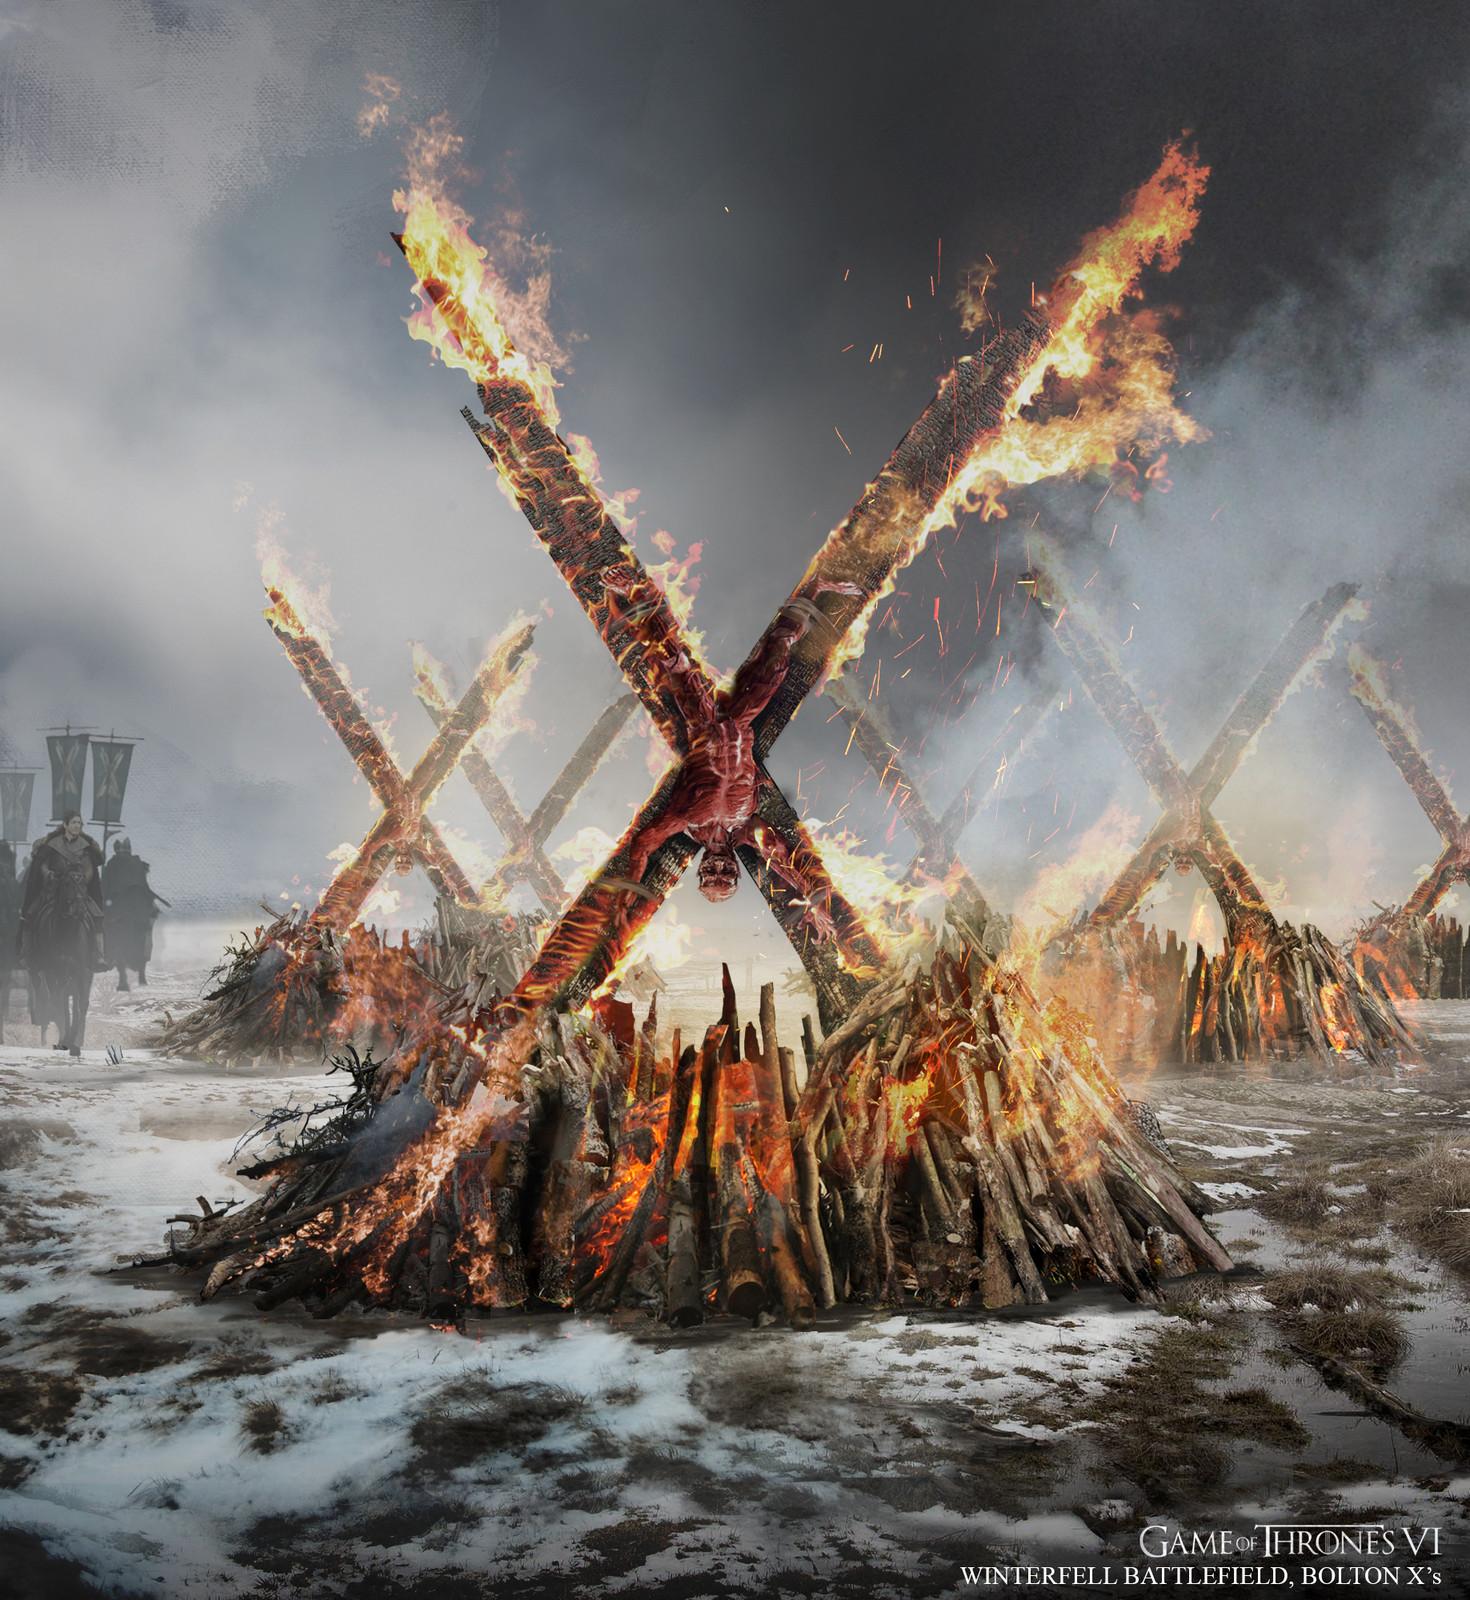 The burning Bolton X